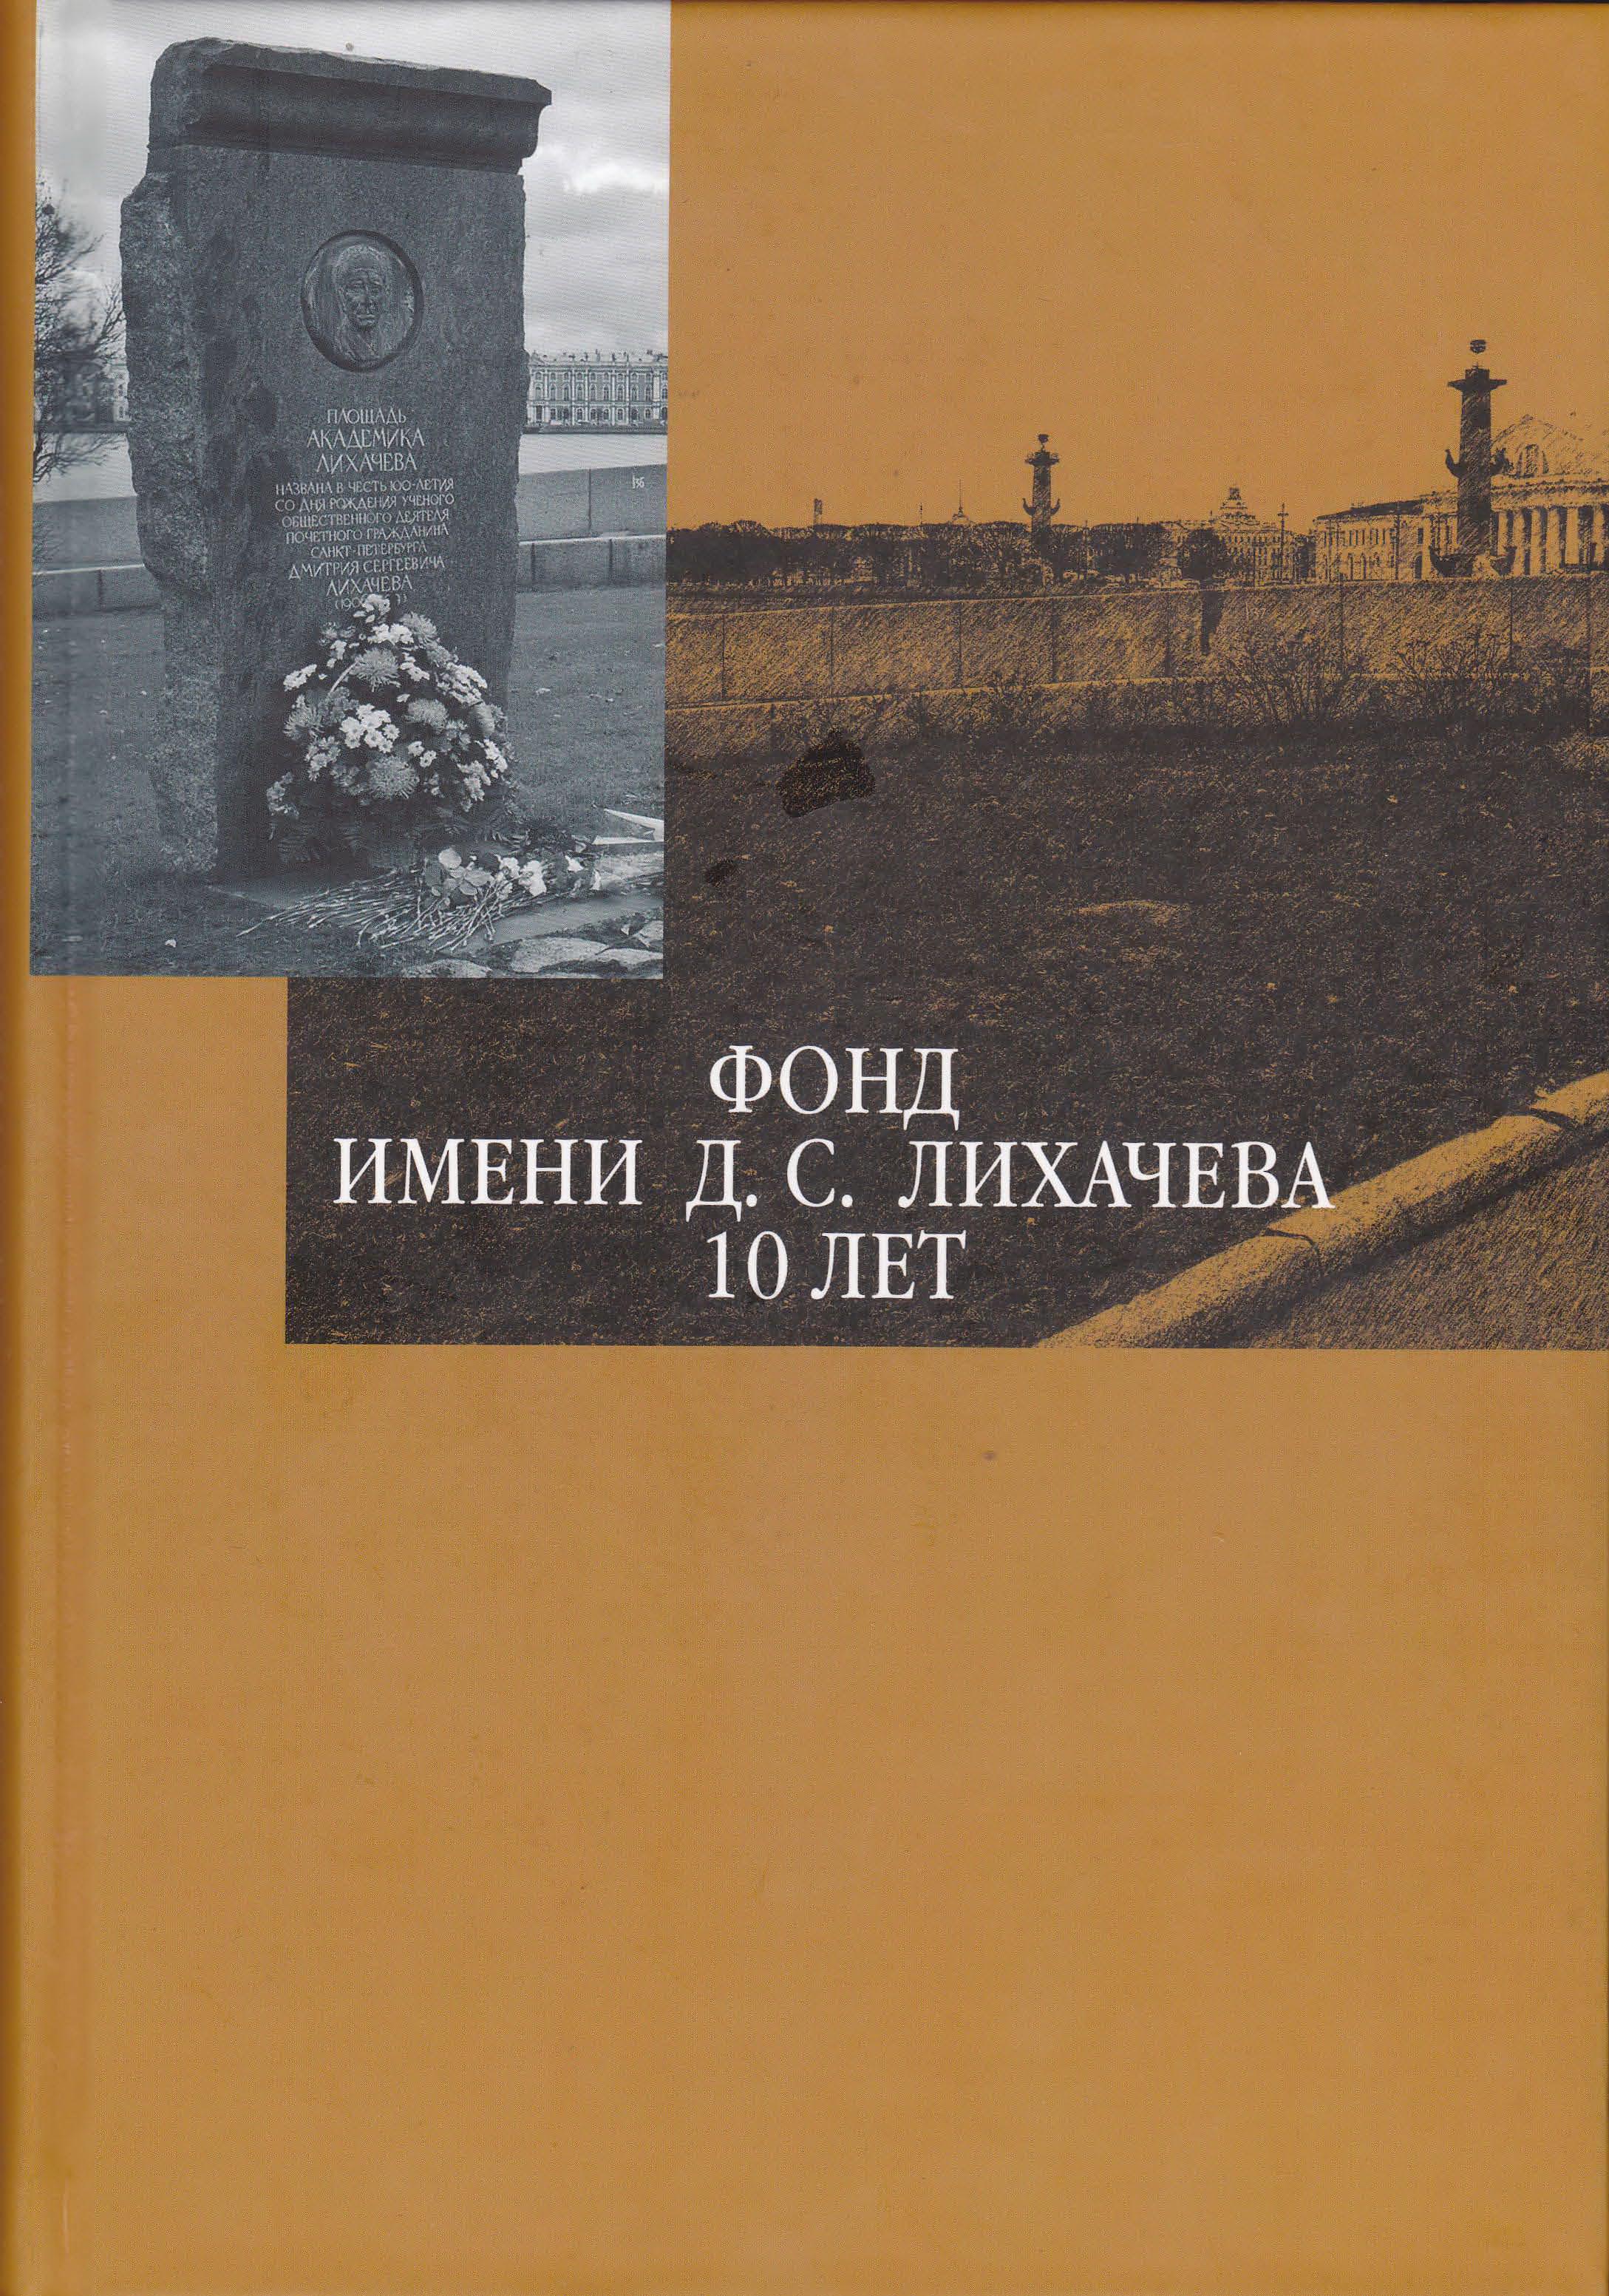 Фонд имени Д.С. Лихачева. 10 лет